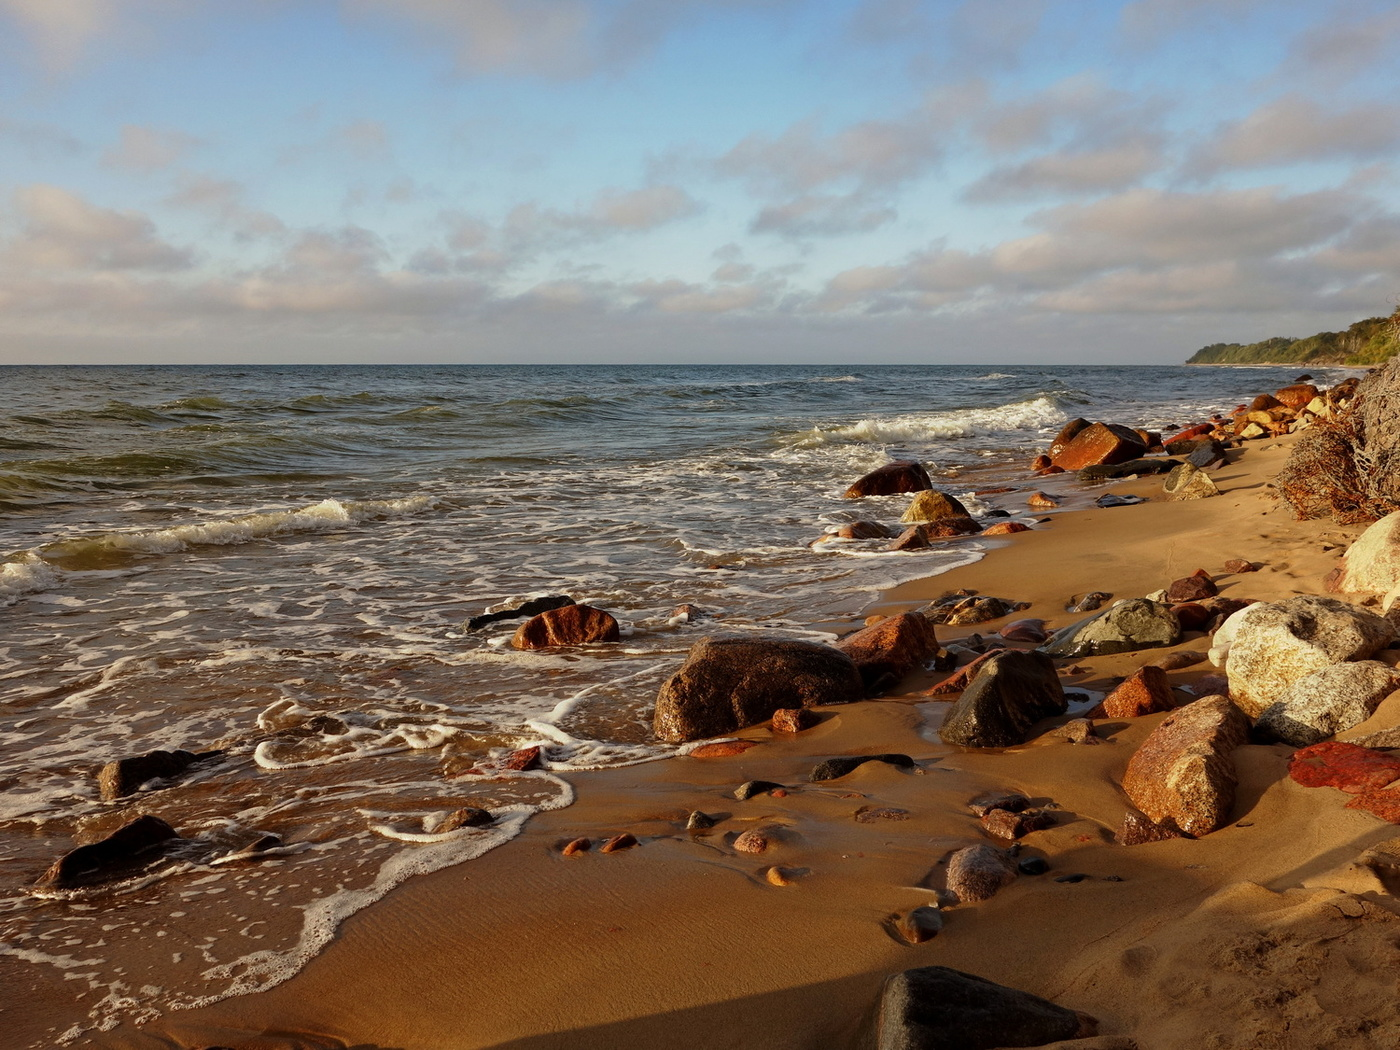 девушек побережье балтийского моря фото продаже загородных